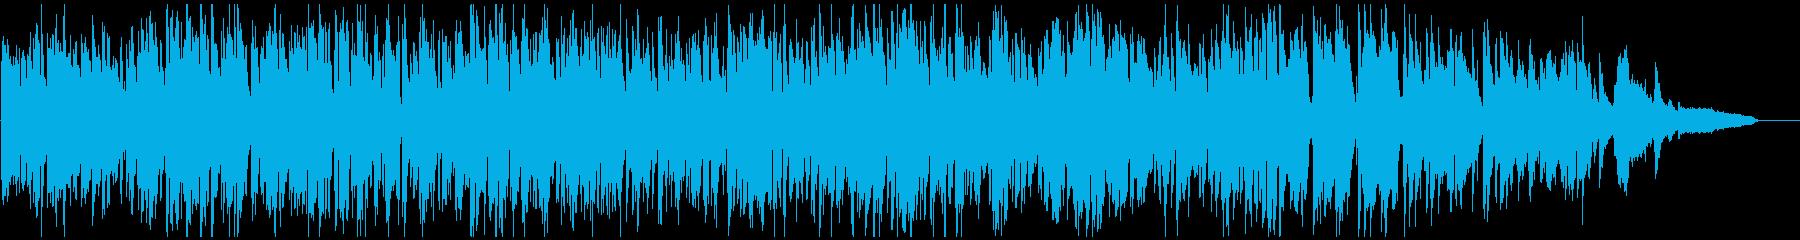 明るいジャズ・バラエティ、素敵なサックスの再生済みの波形